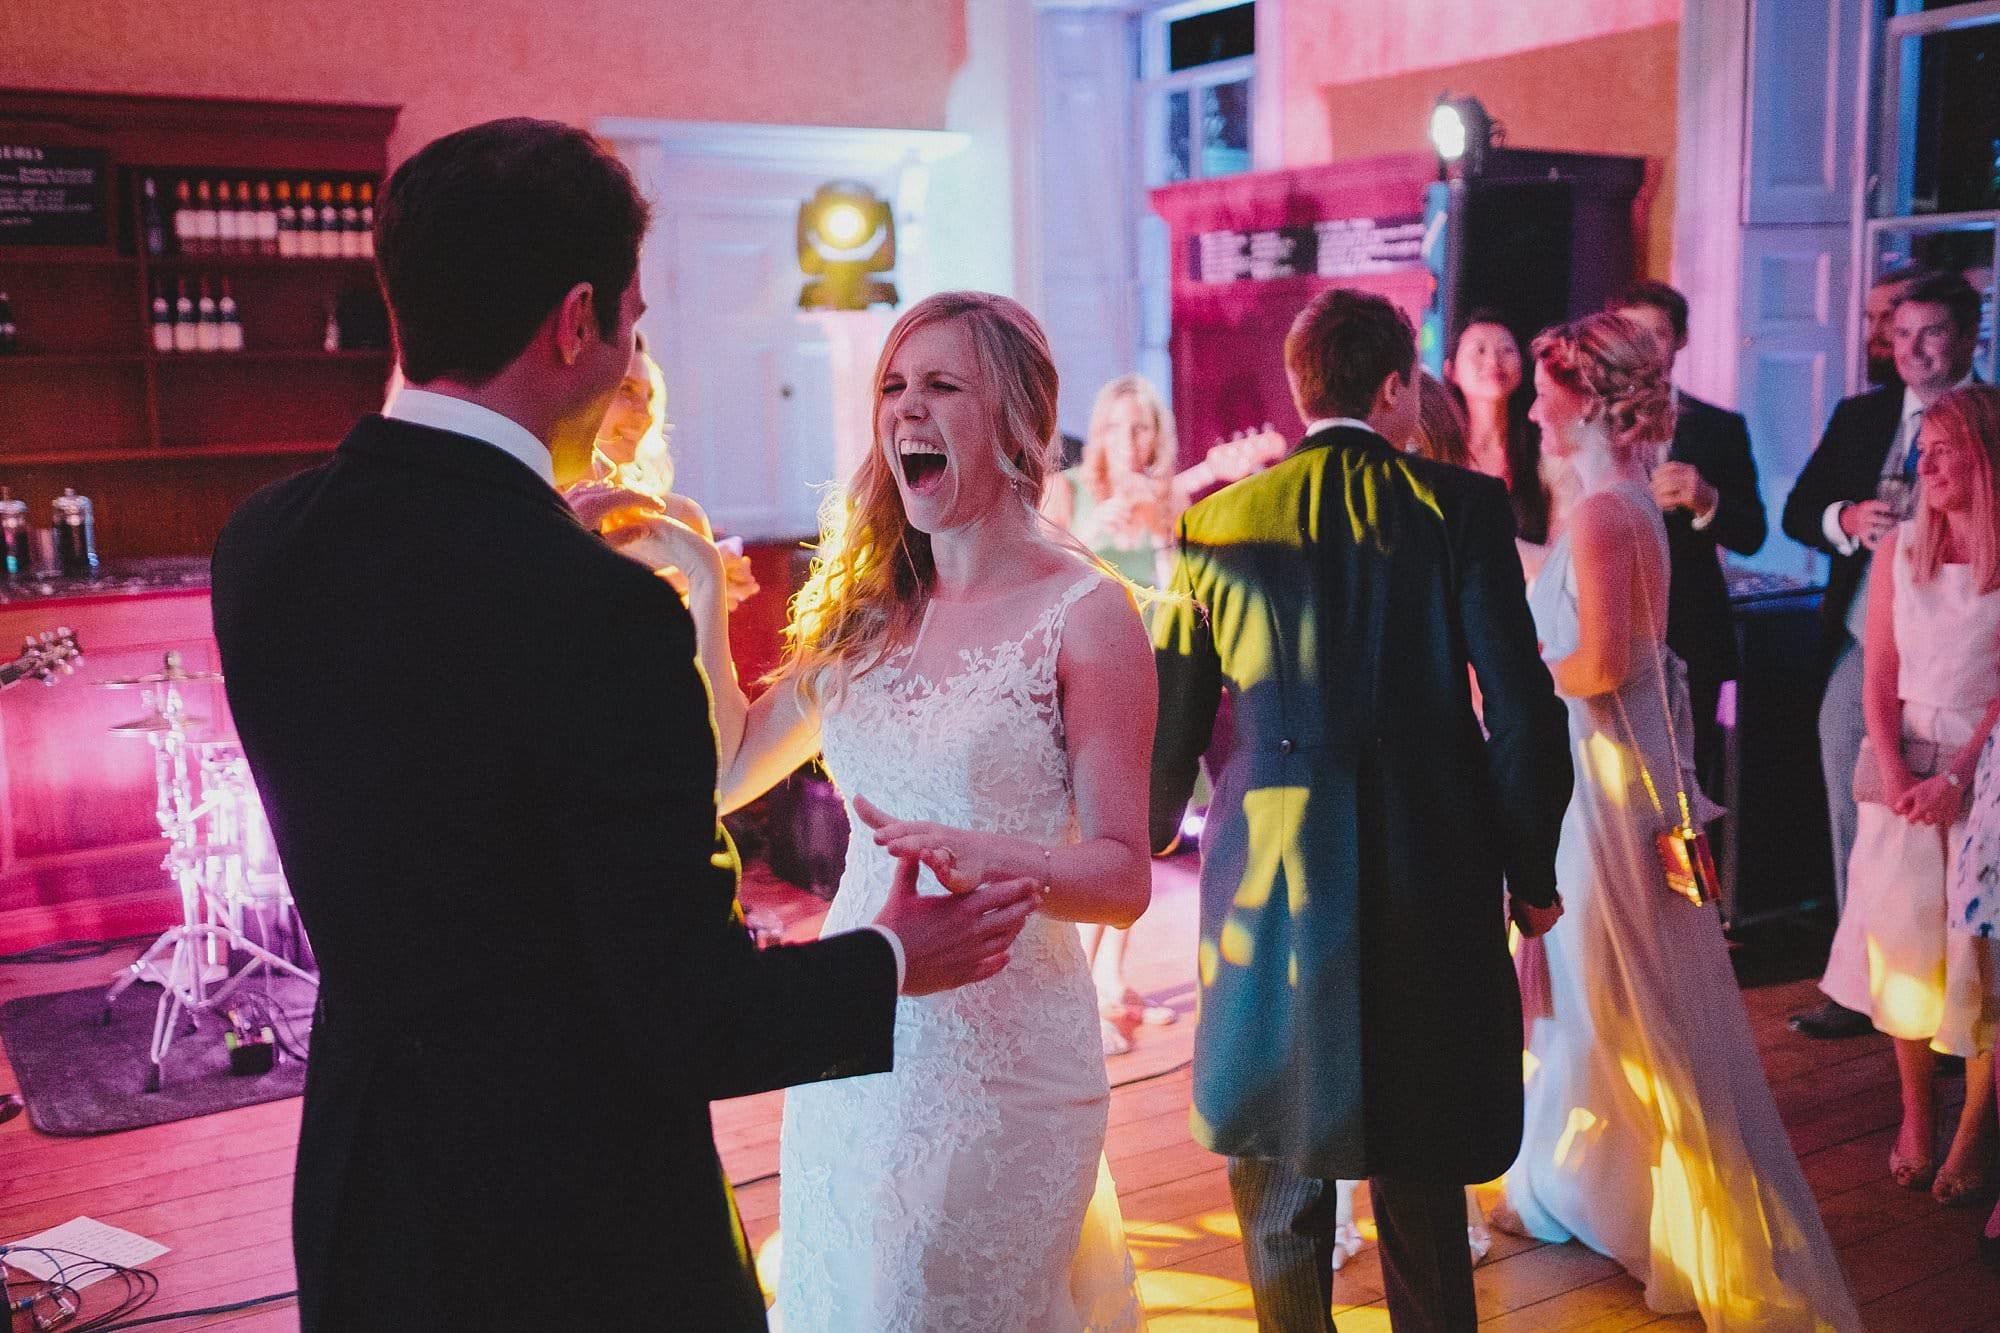 fulham palace wedding photographer 090 - Rosanna & Duncan's Fulham Palace Wedding